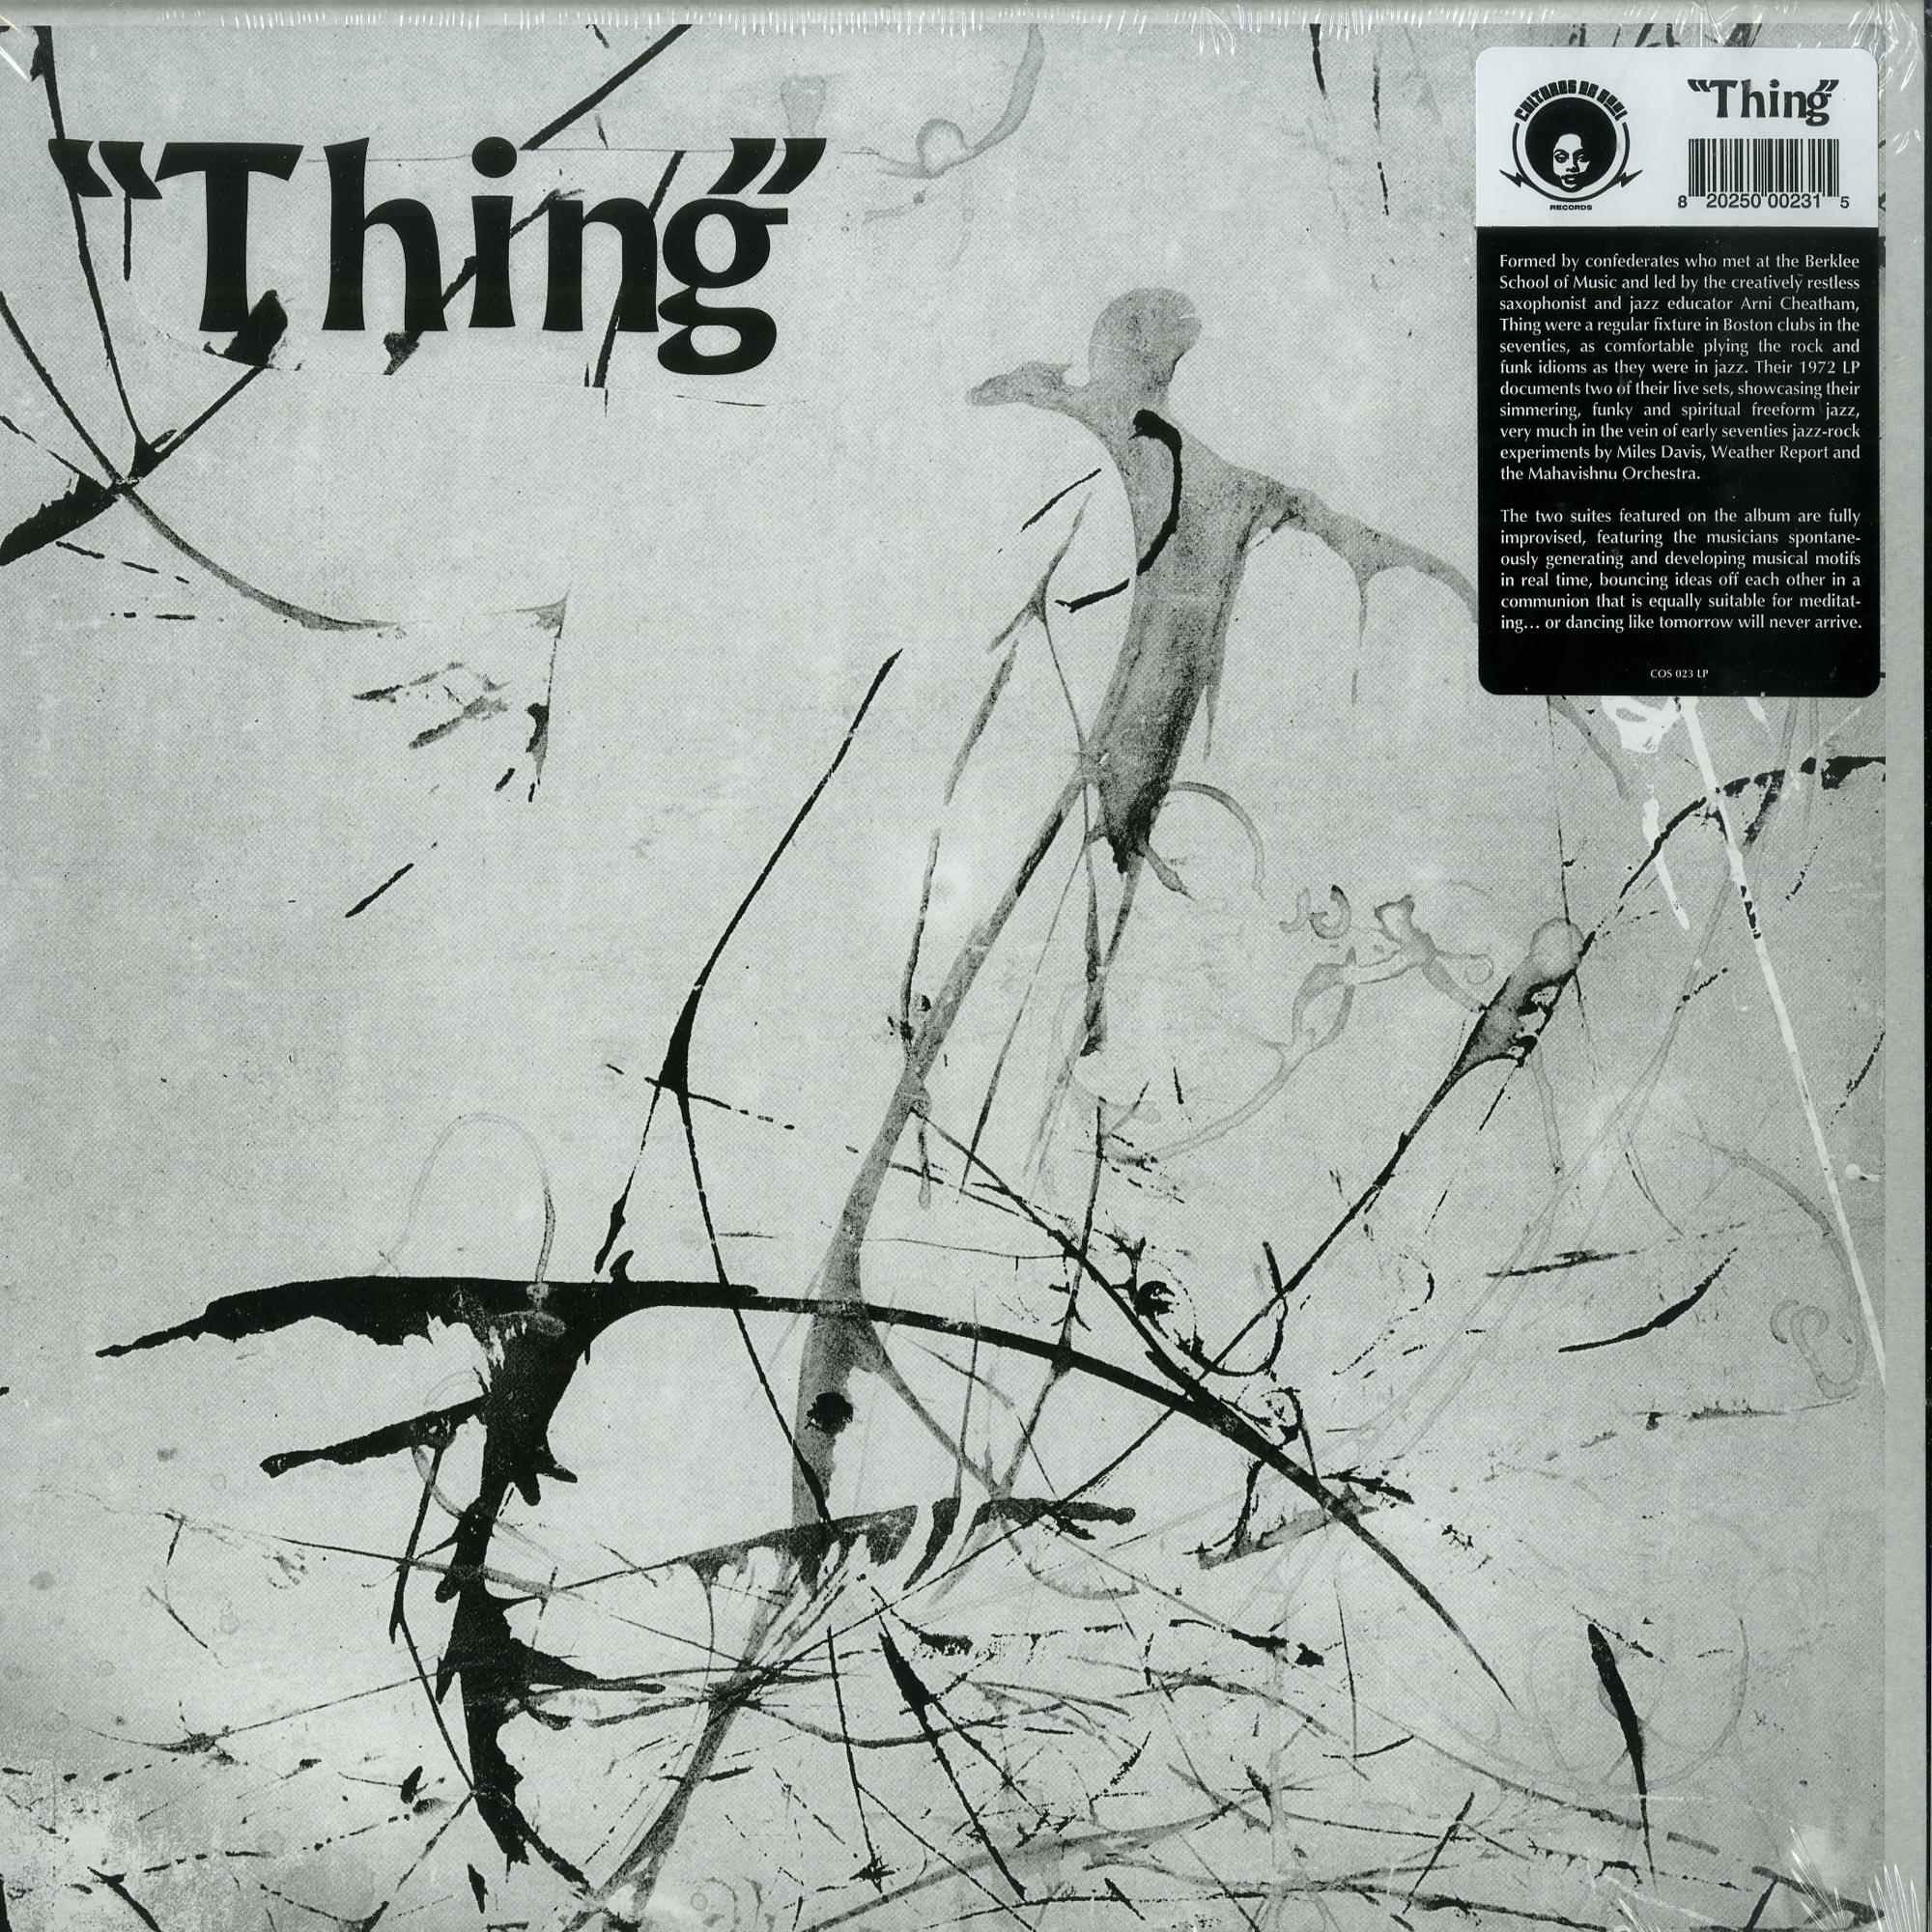 Thing - THING